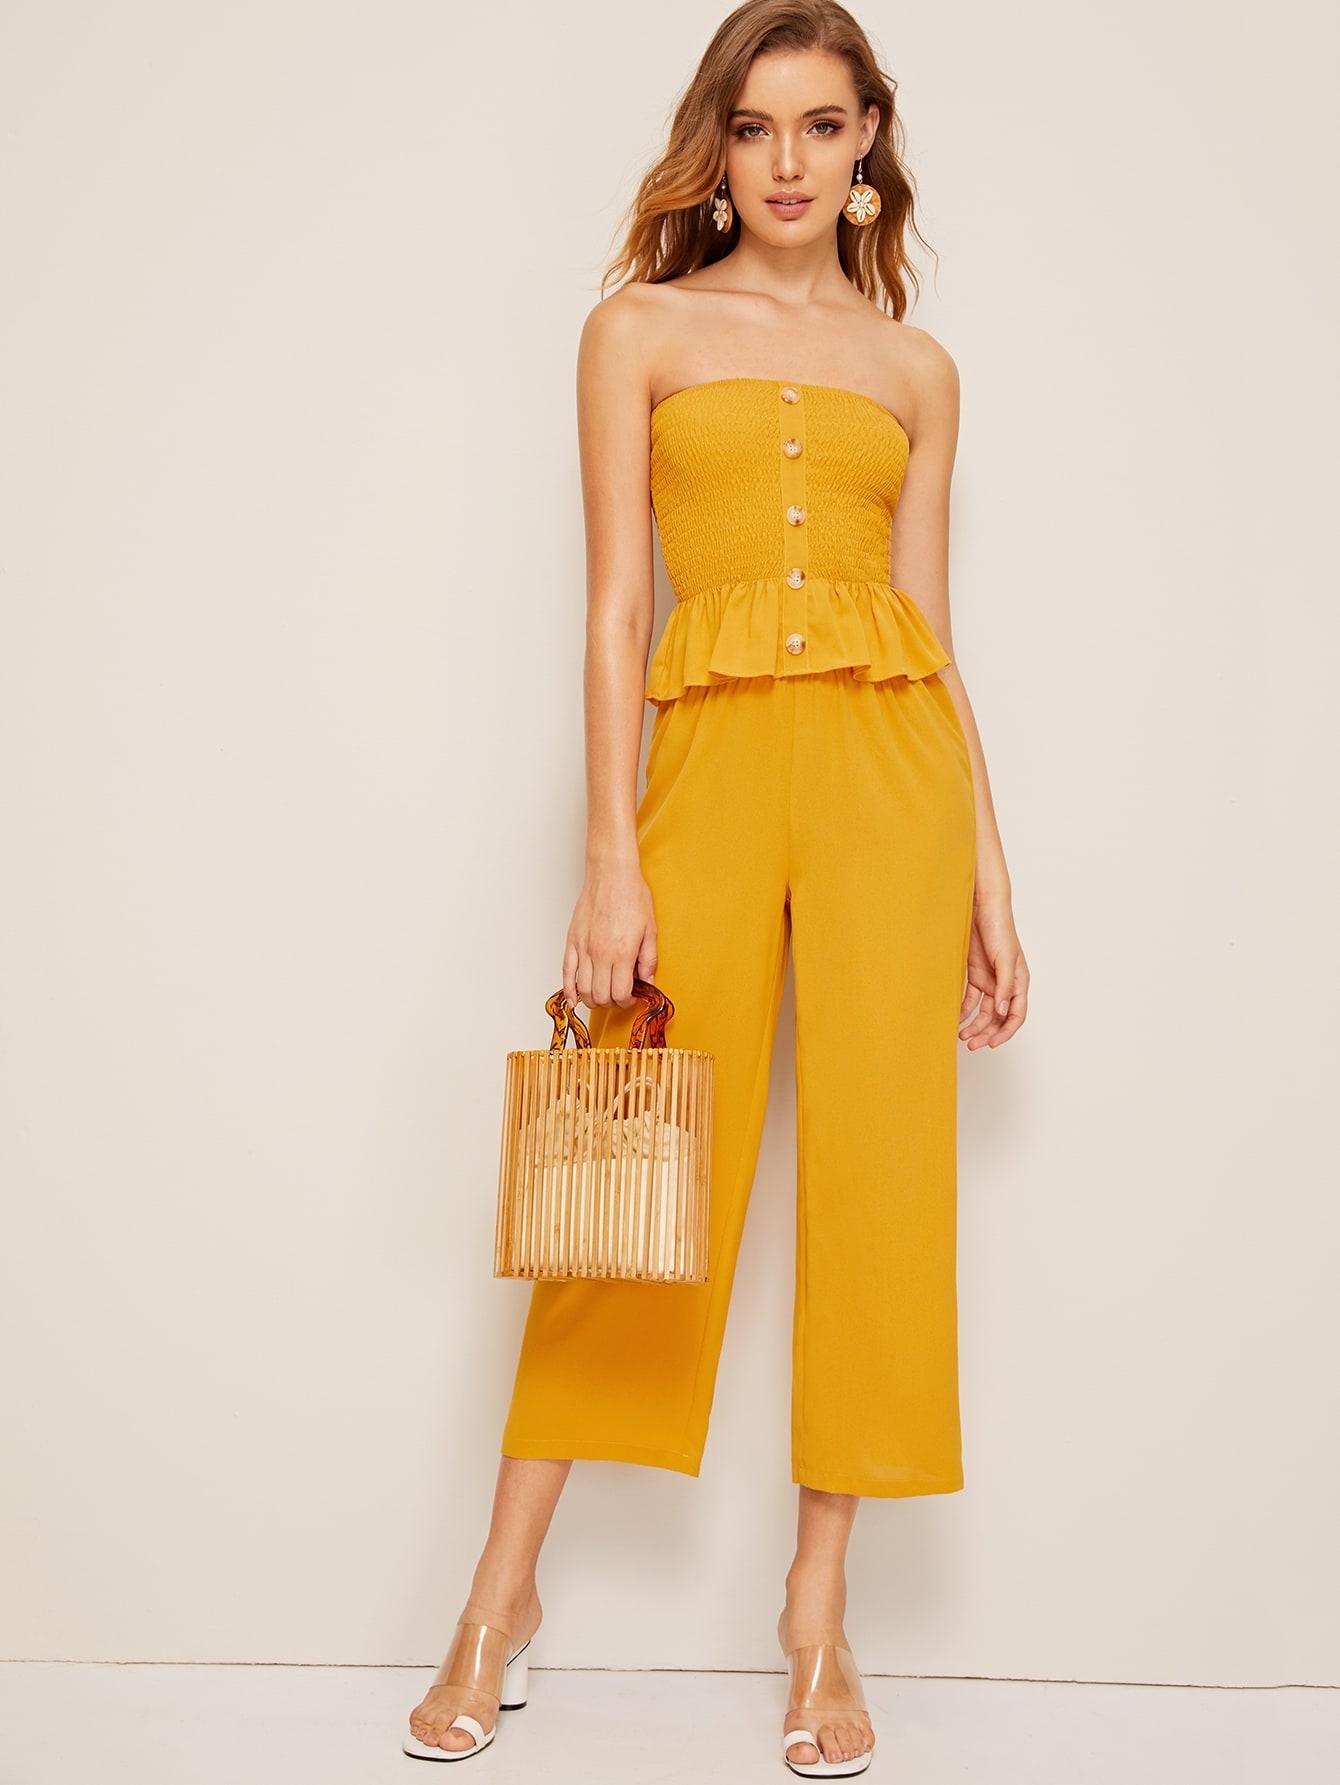 Фото - Топ с пуговицами, складкой и широкие брюки от SheIn желтого цвета